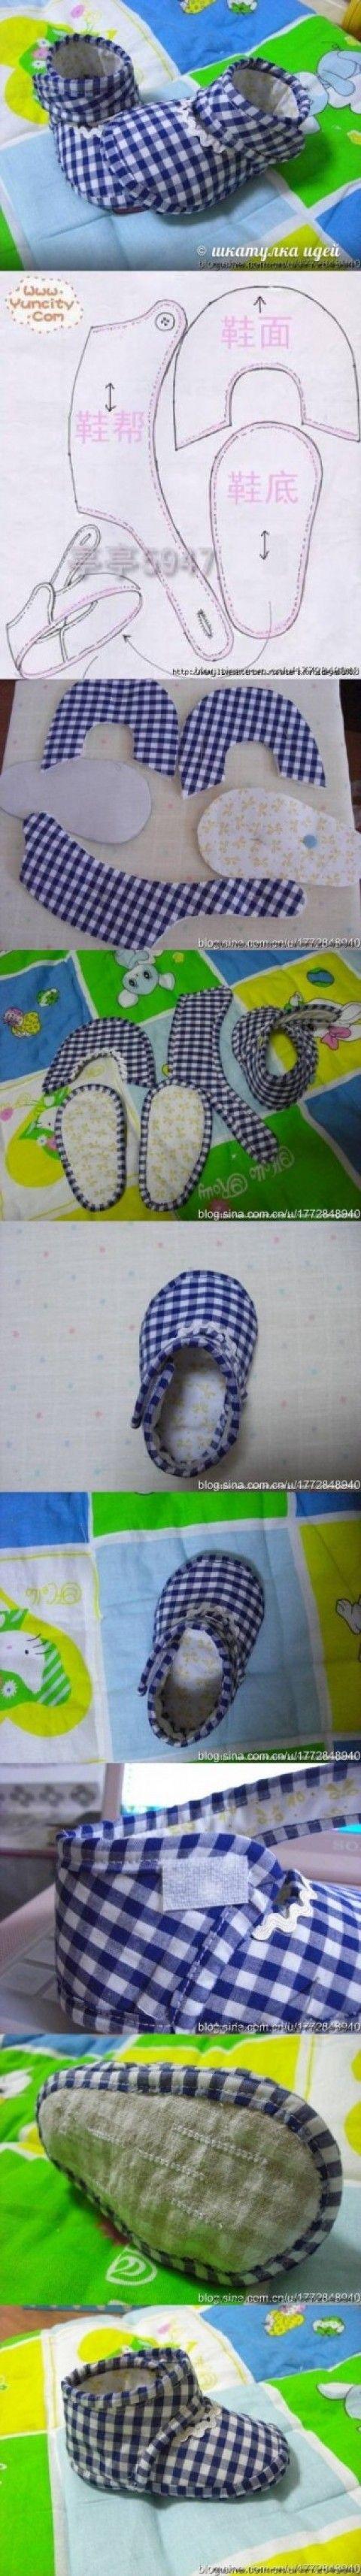 155 besten Handarbeiten - Baby Schuhe Bilder auf Pinterest ...